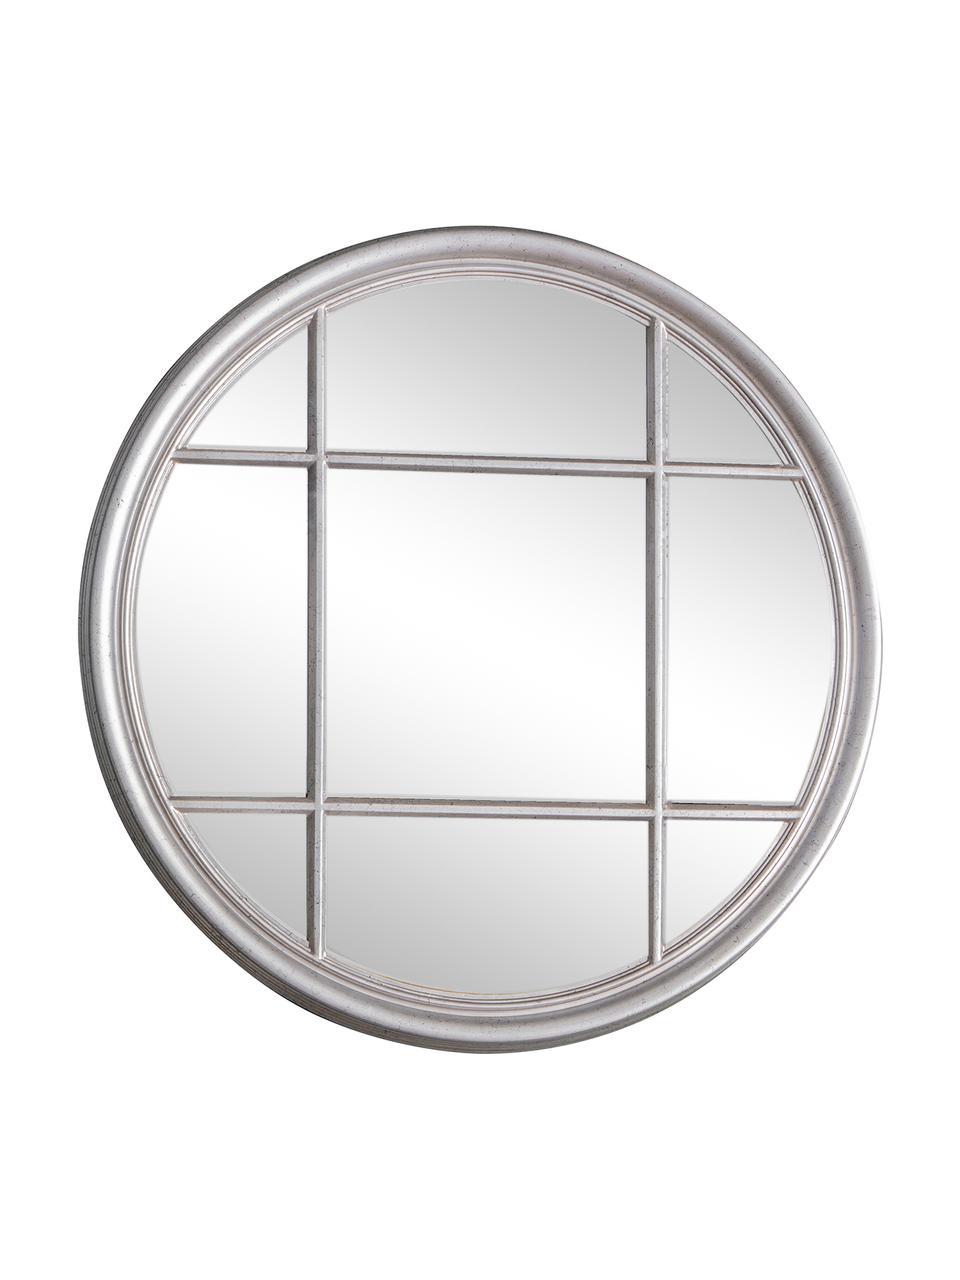 Runder Wandspiegel Eccleston, Rahmen: Holz, lackiert, Spiegelfläche: Spiegelglas, Silberfarben, Ø 100 cm